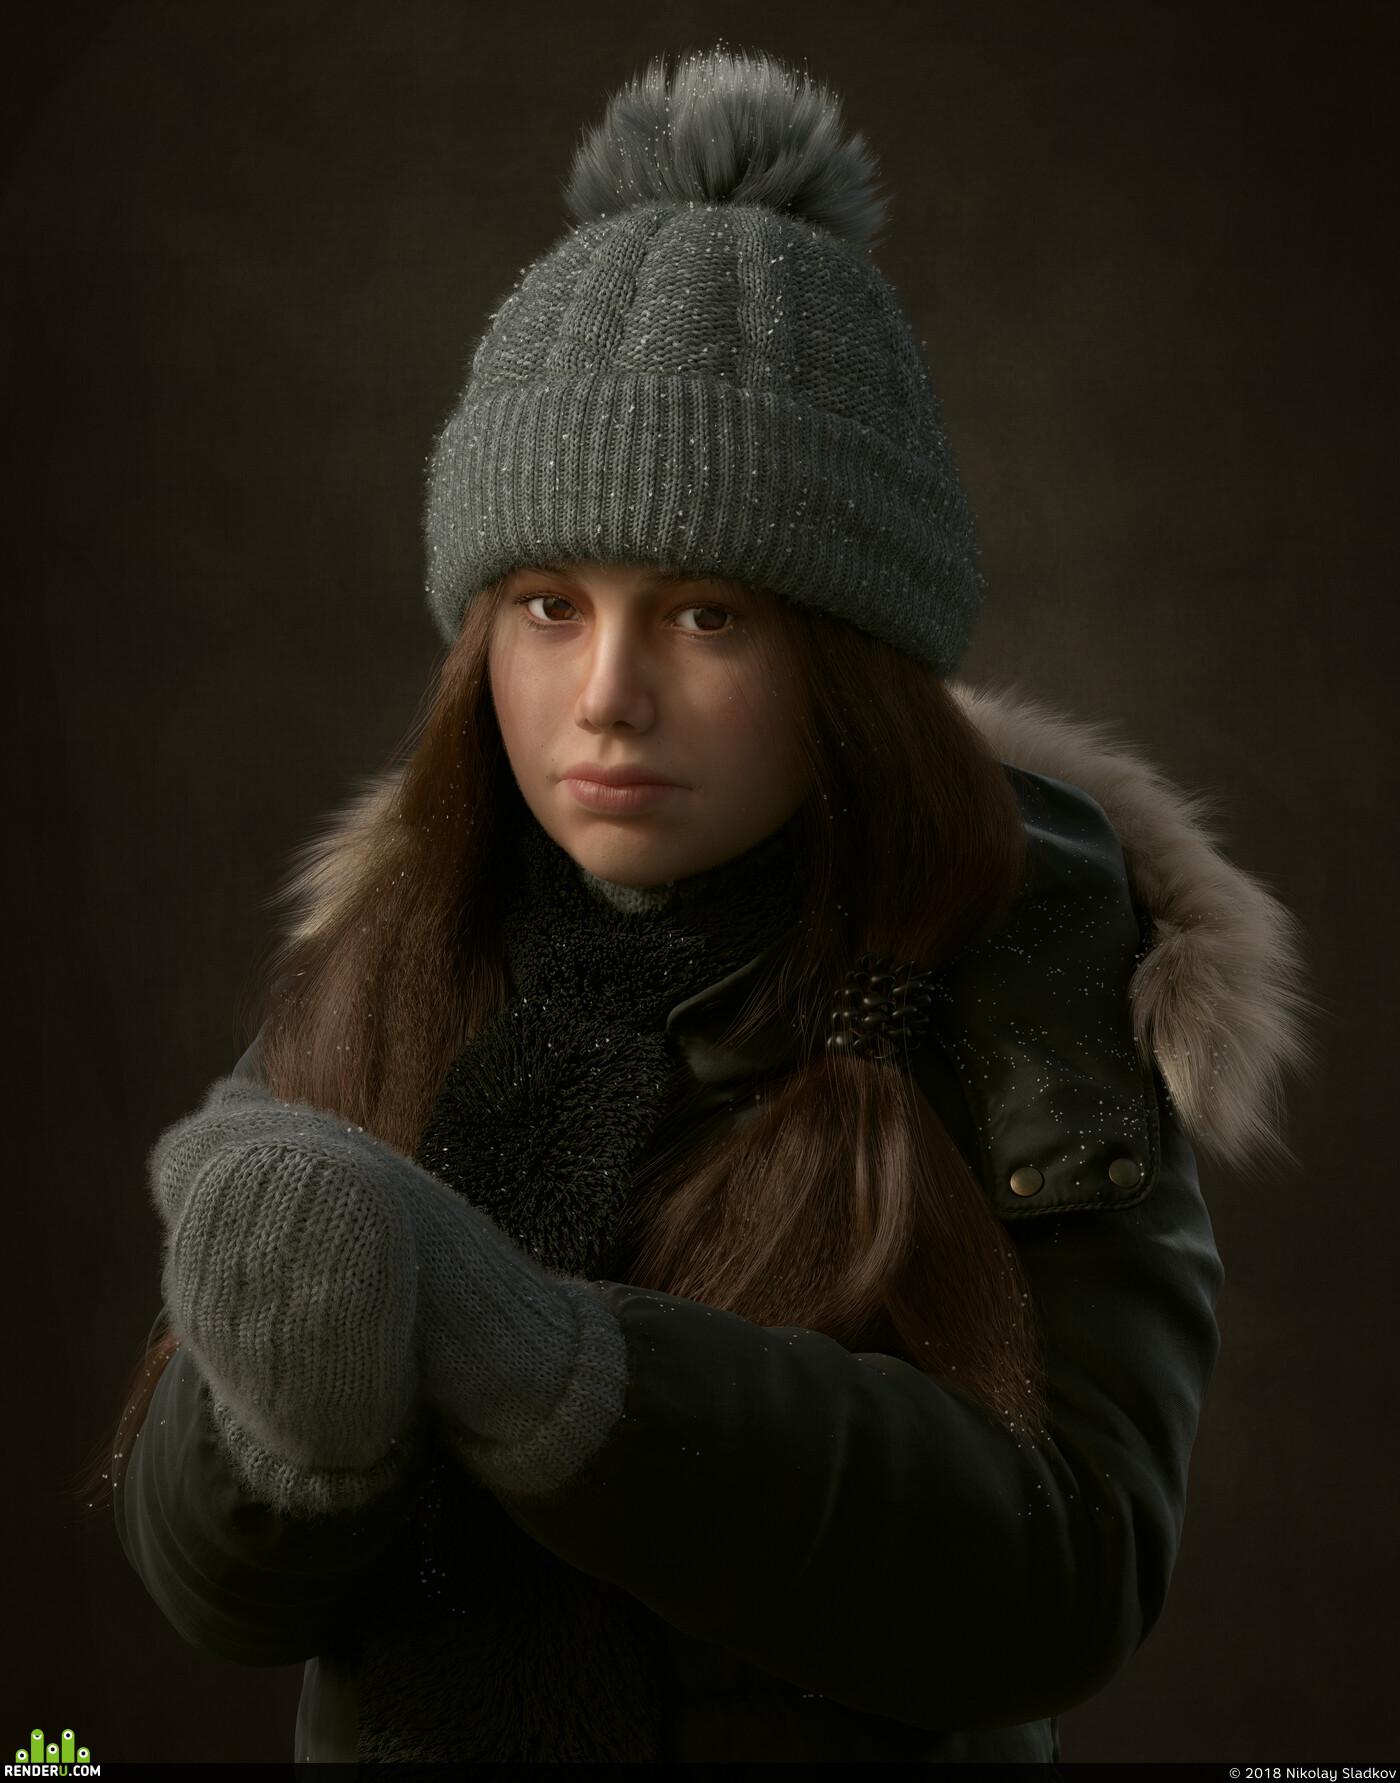 Портрет, девочка, персонаж, 3д персонаж